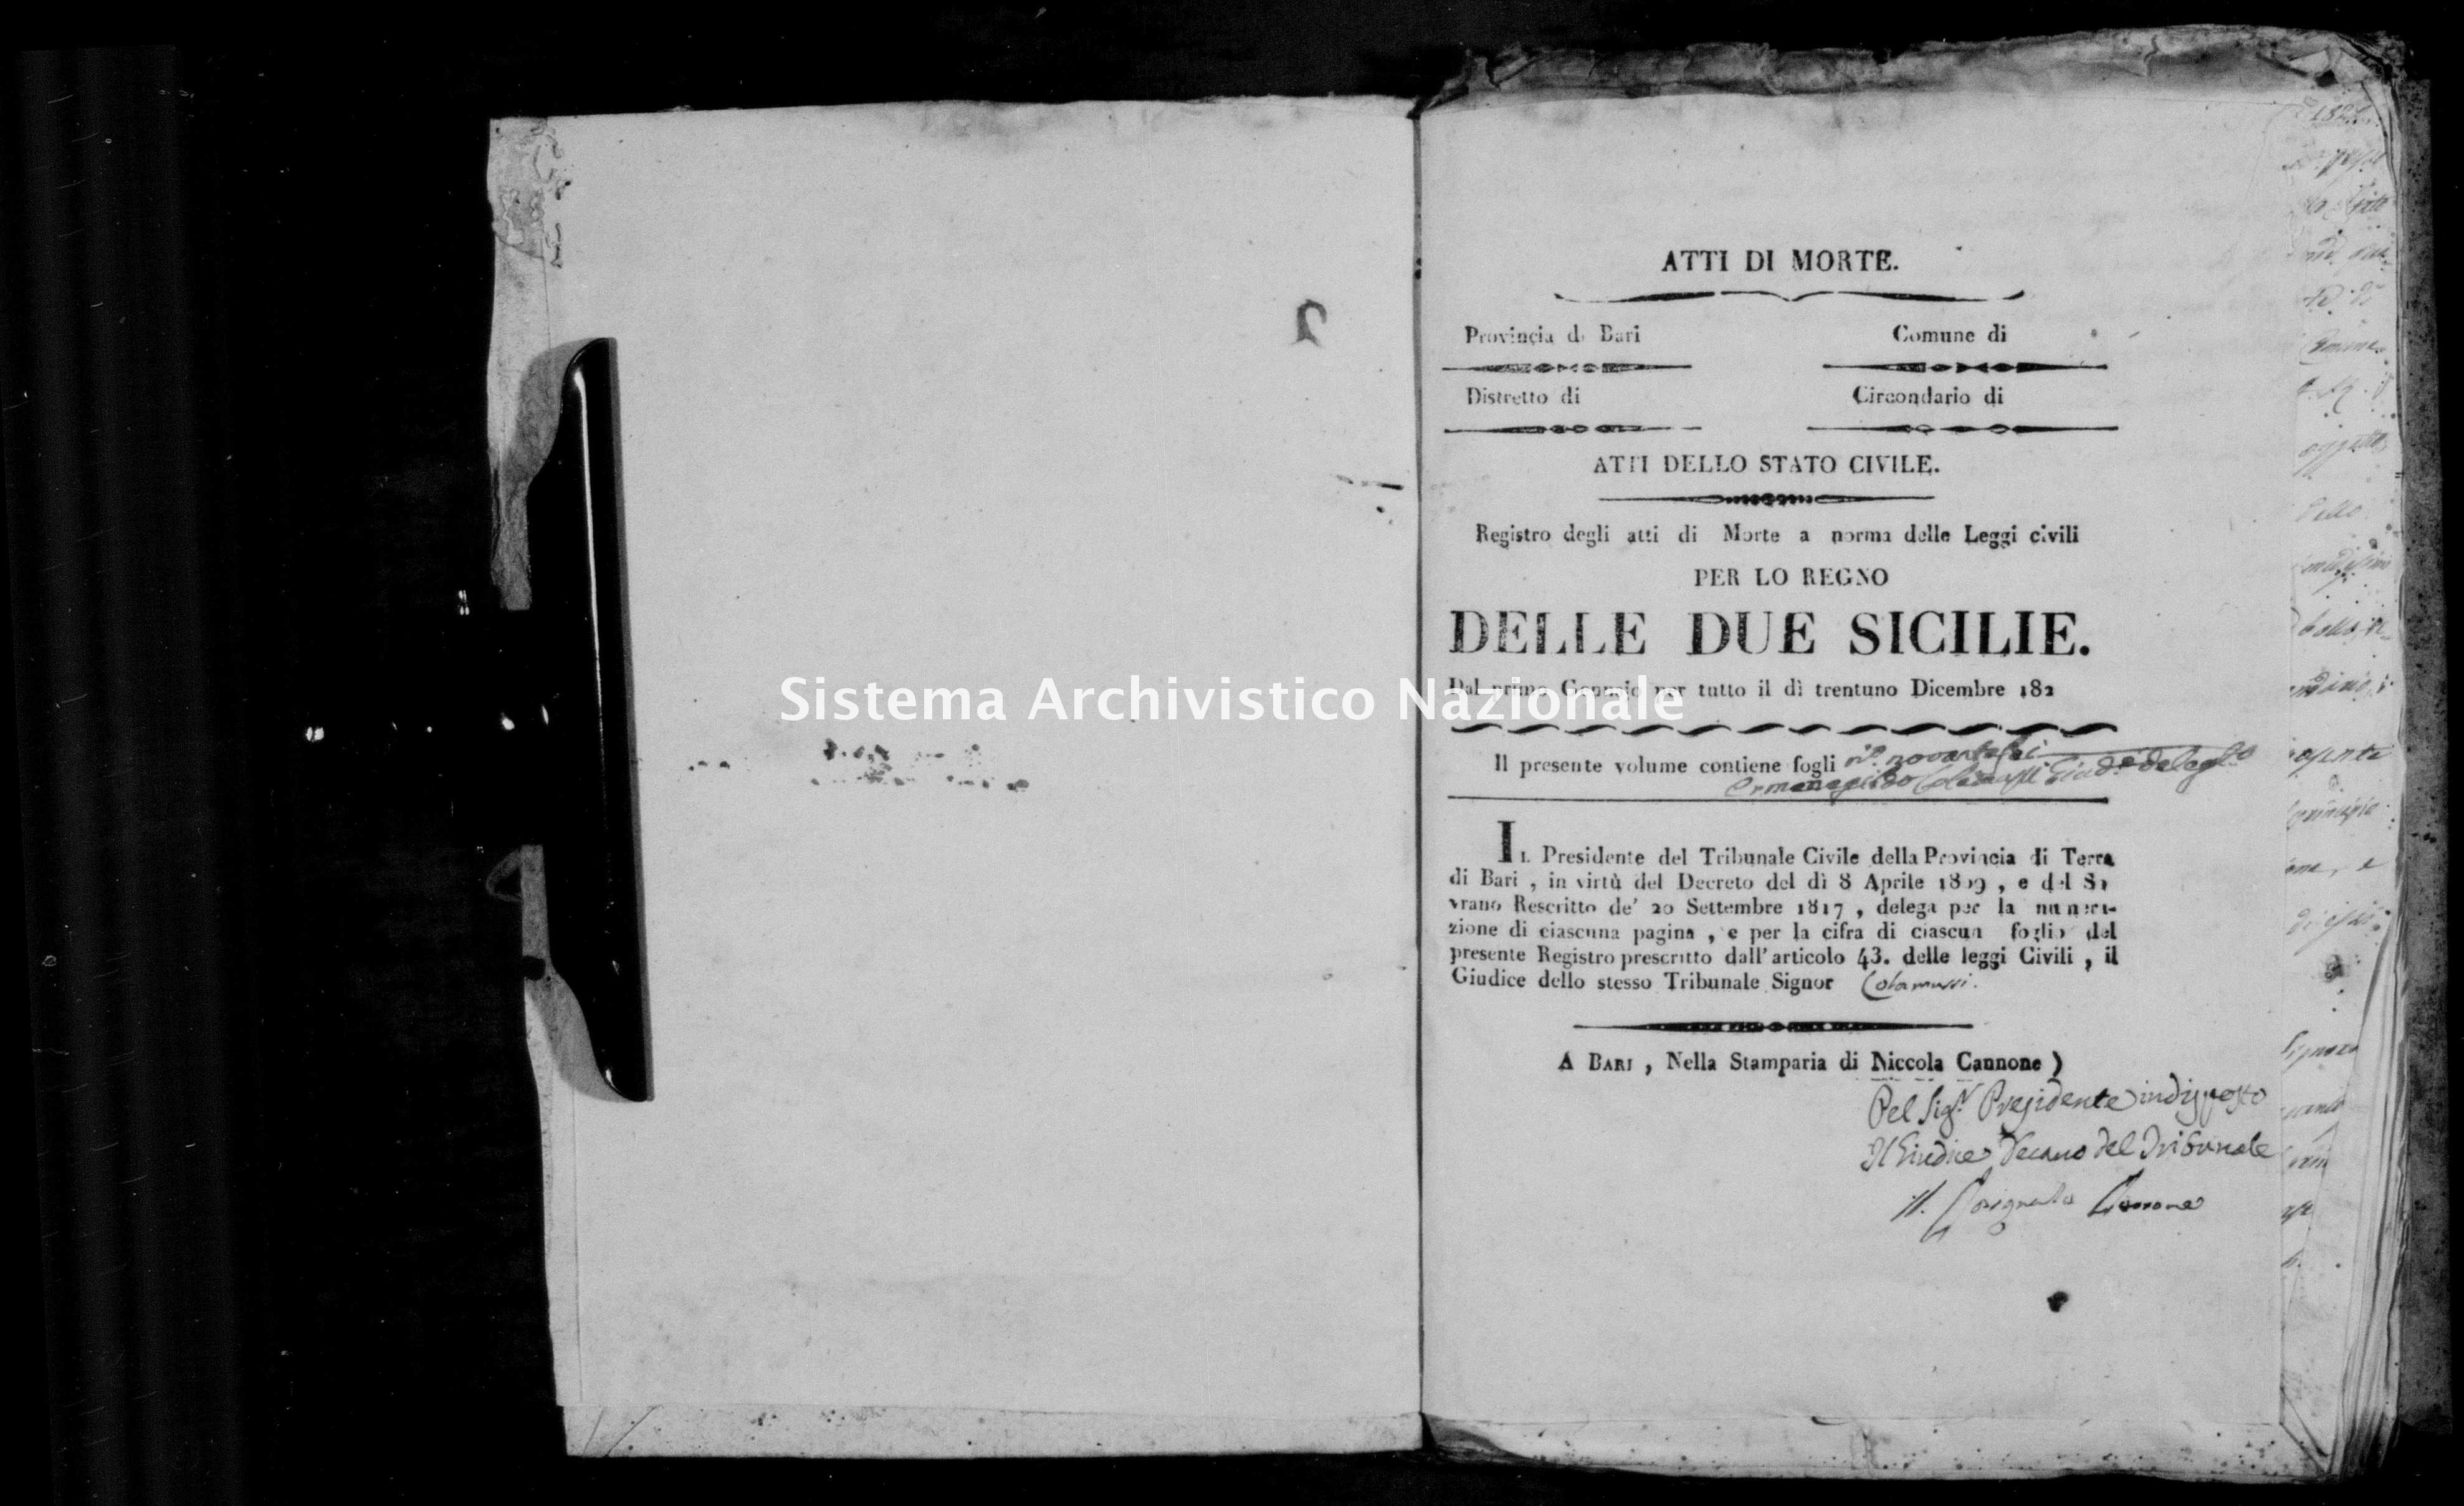 Archivio di stato di Bari - Stato civile della restaurazione - Ceglie - Morti - 1822 -